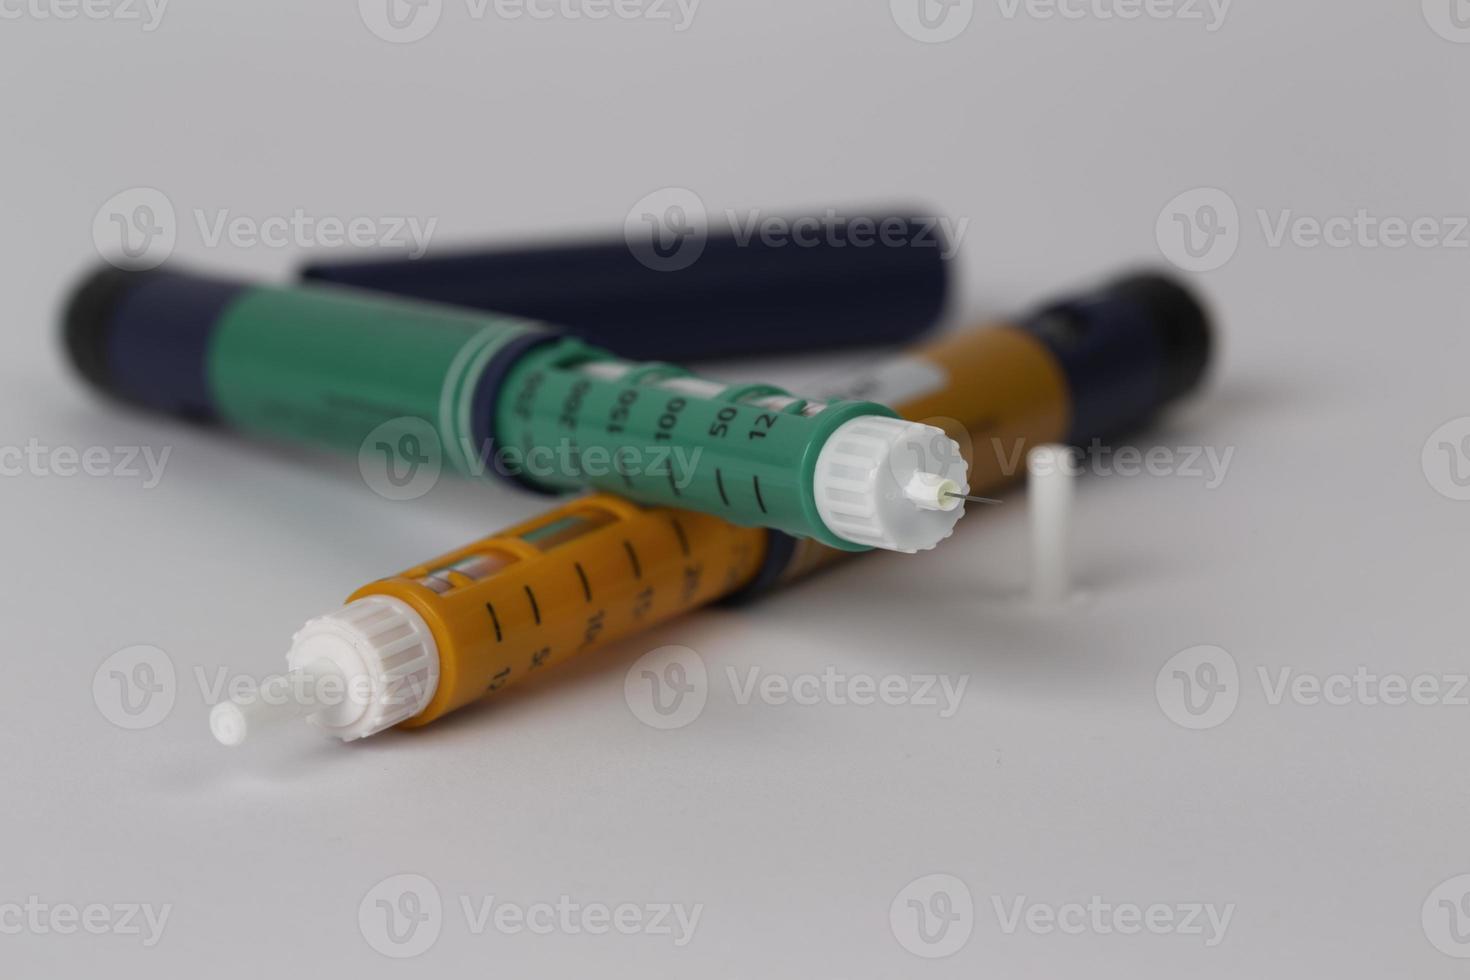 penna per siringa da insulina foto